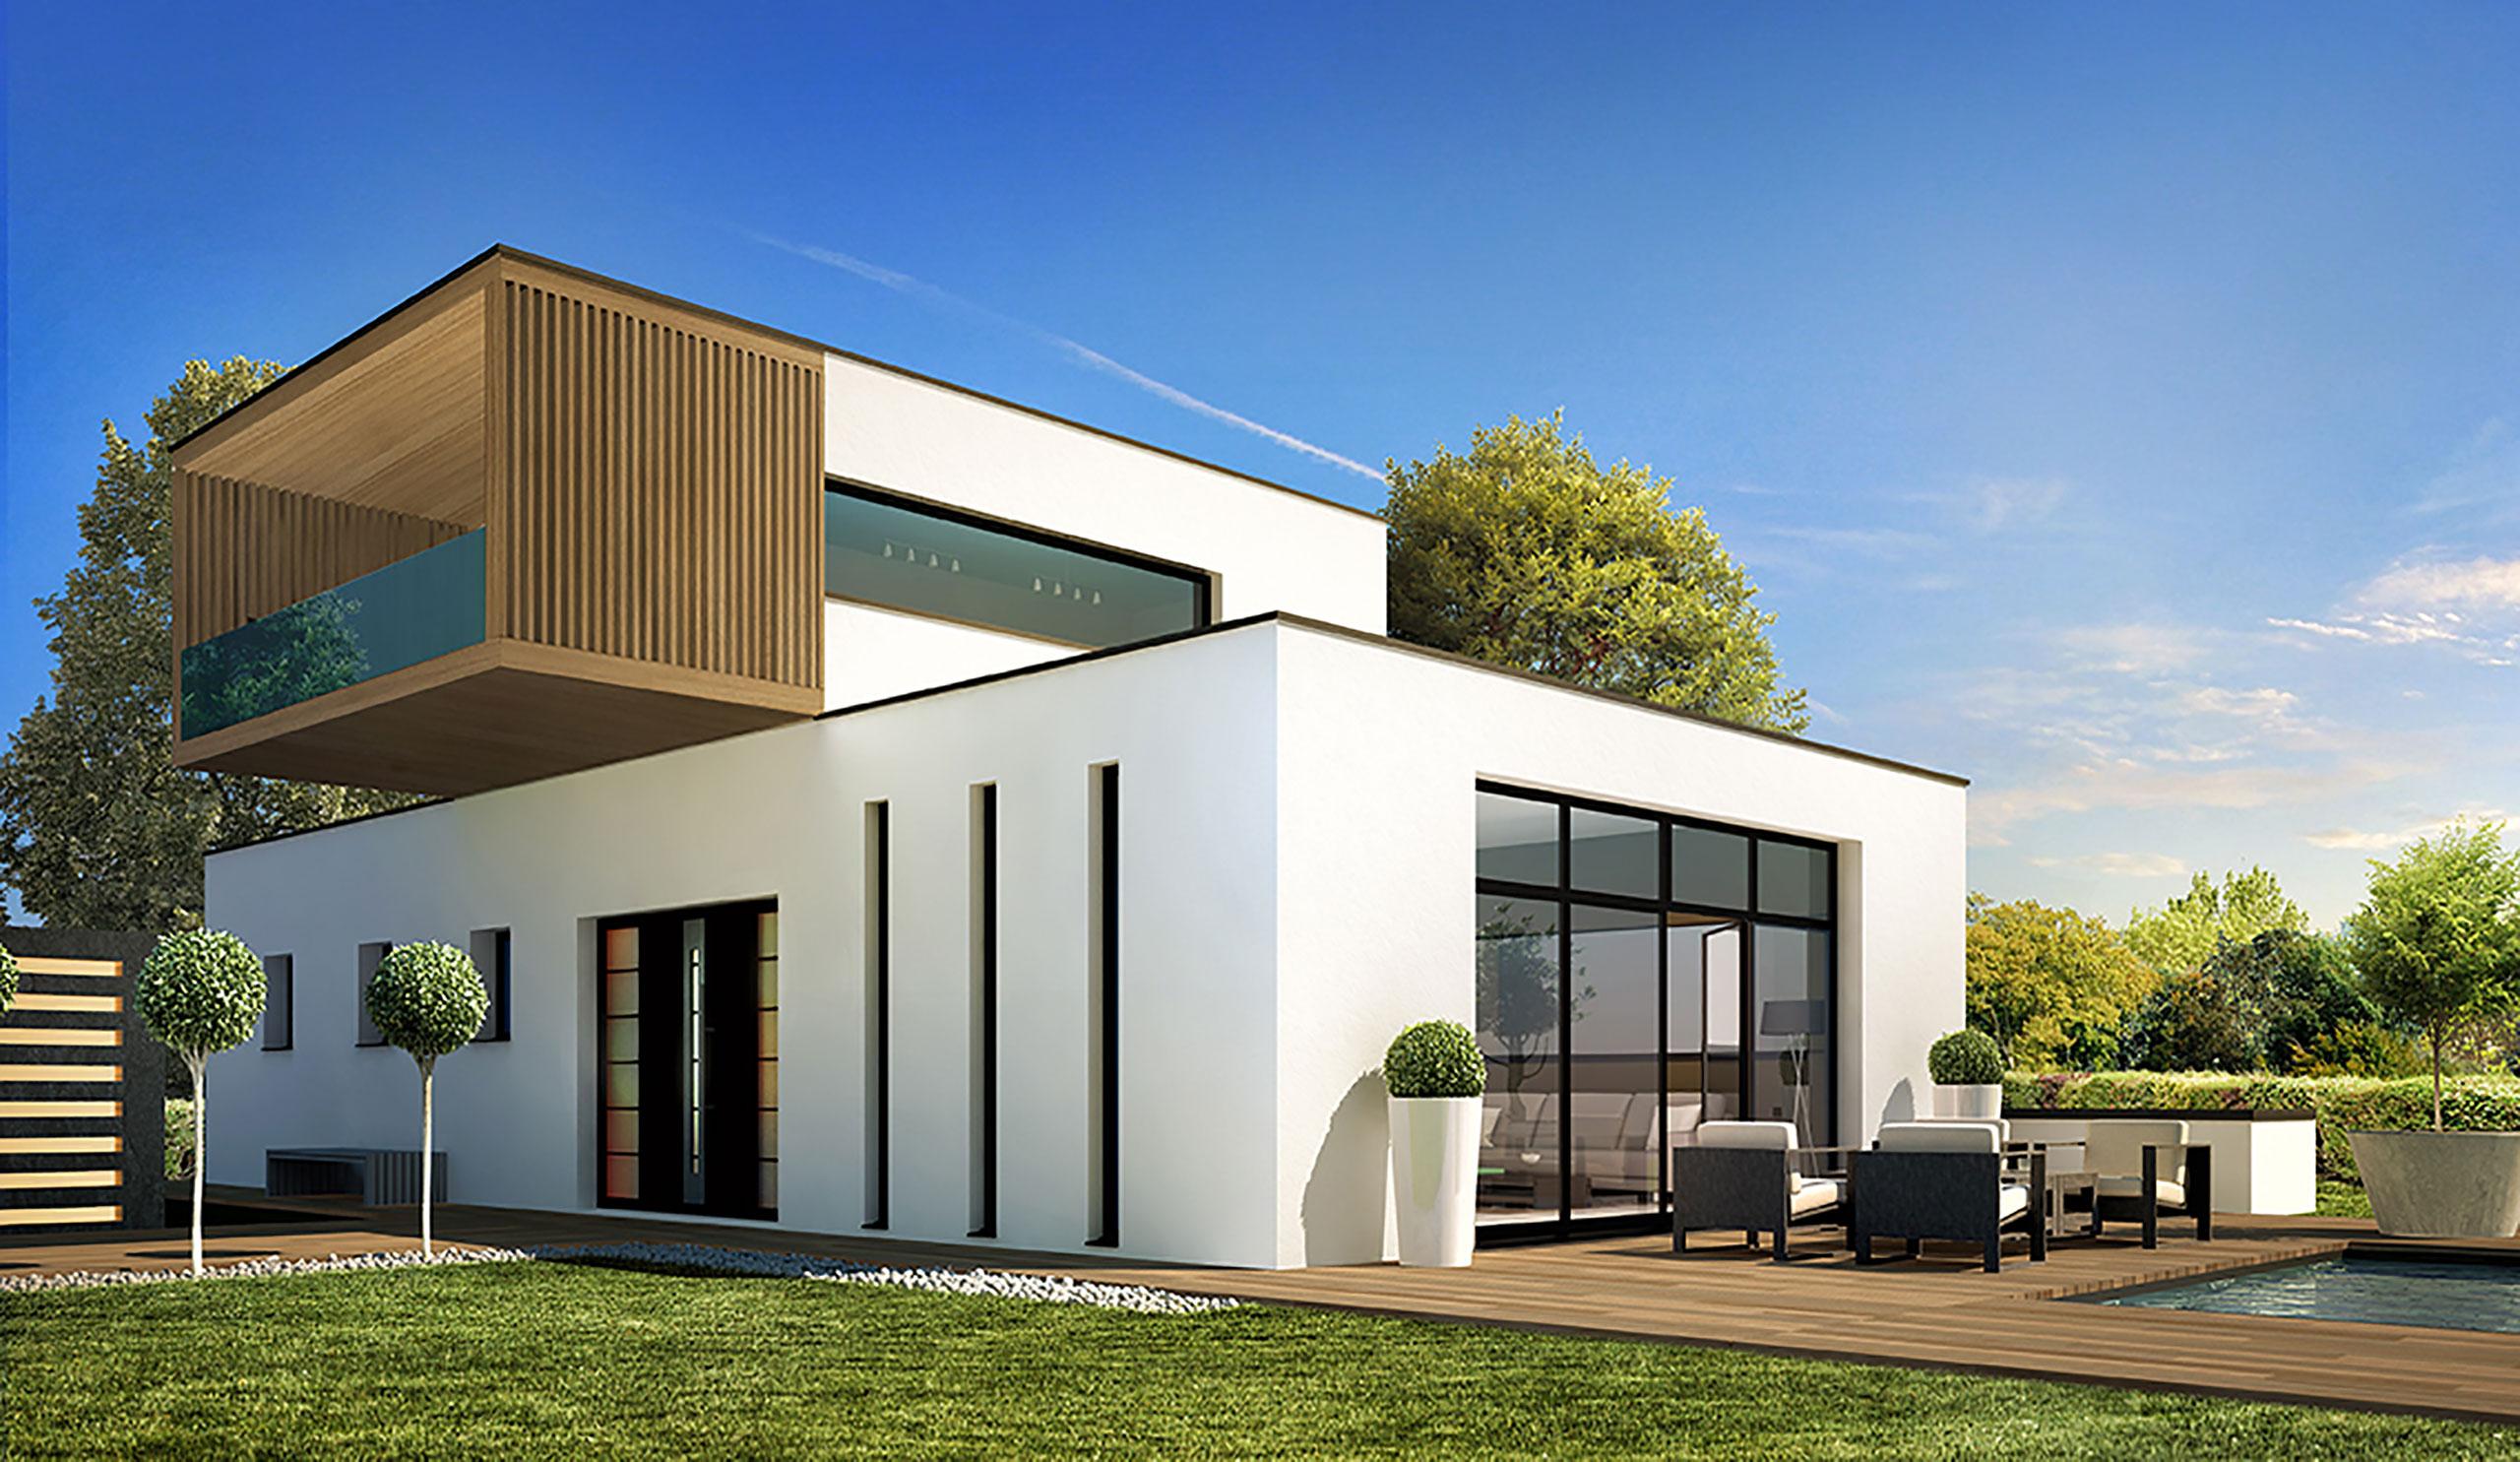 Porche D Entrée Maison Contemporaine ancien modèle maison contemporaine séquoia - demeures d